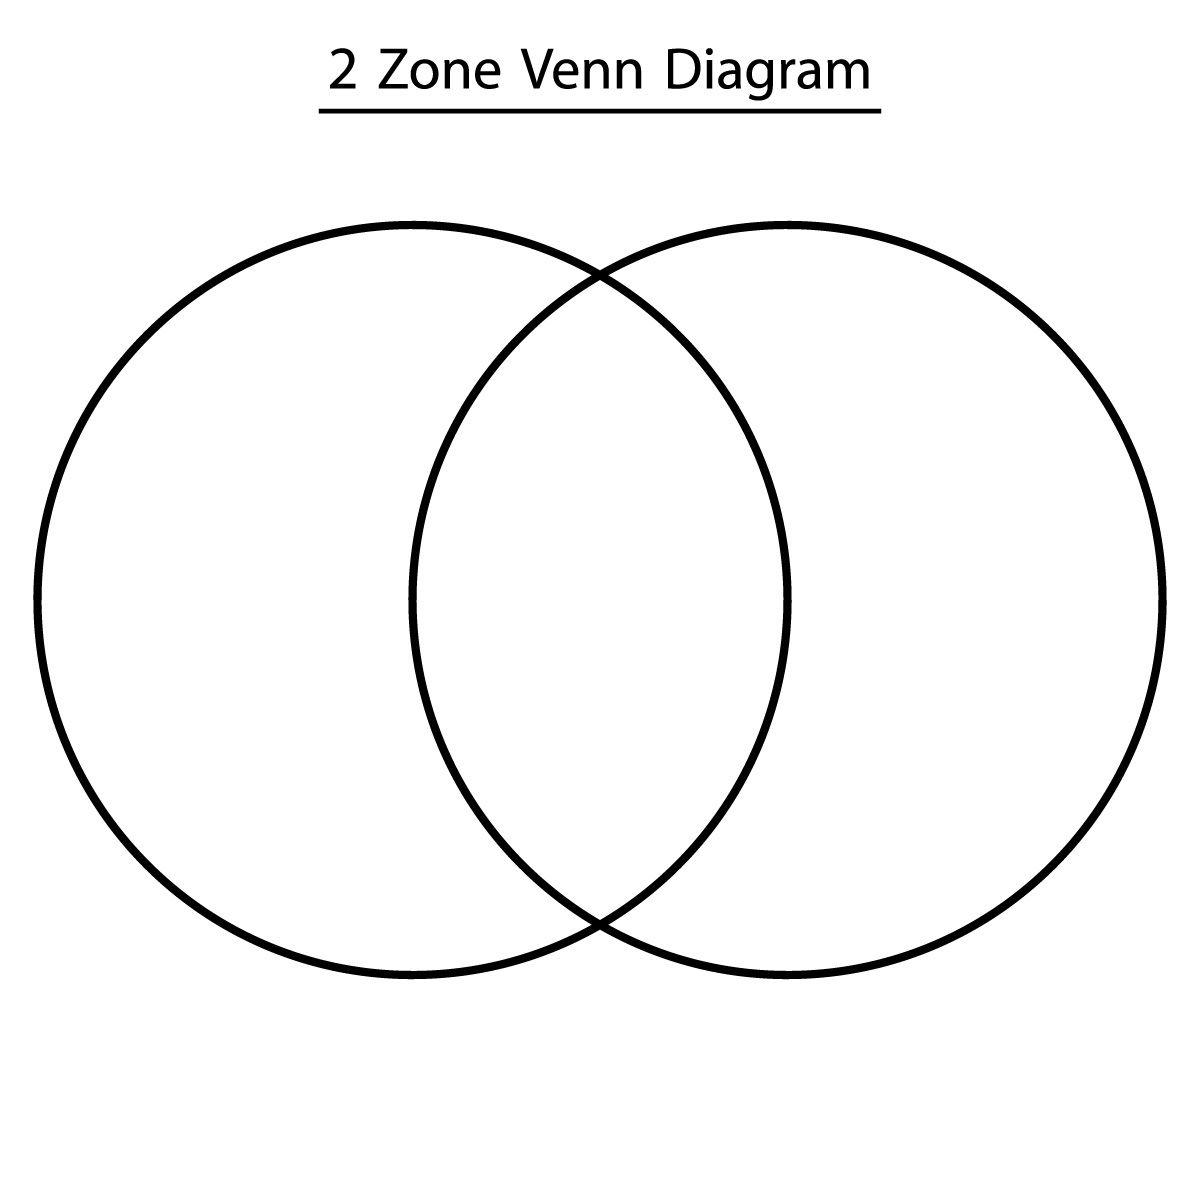 Kylene Beers Printable Venn Diagram With Images